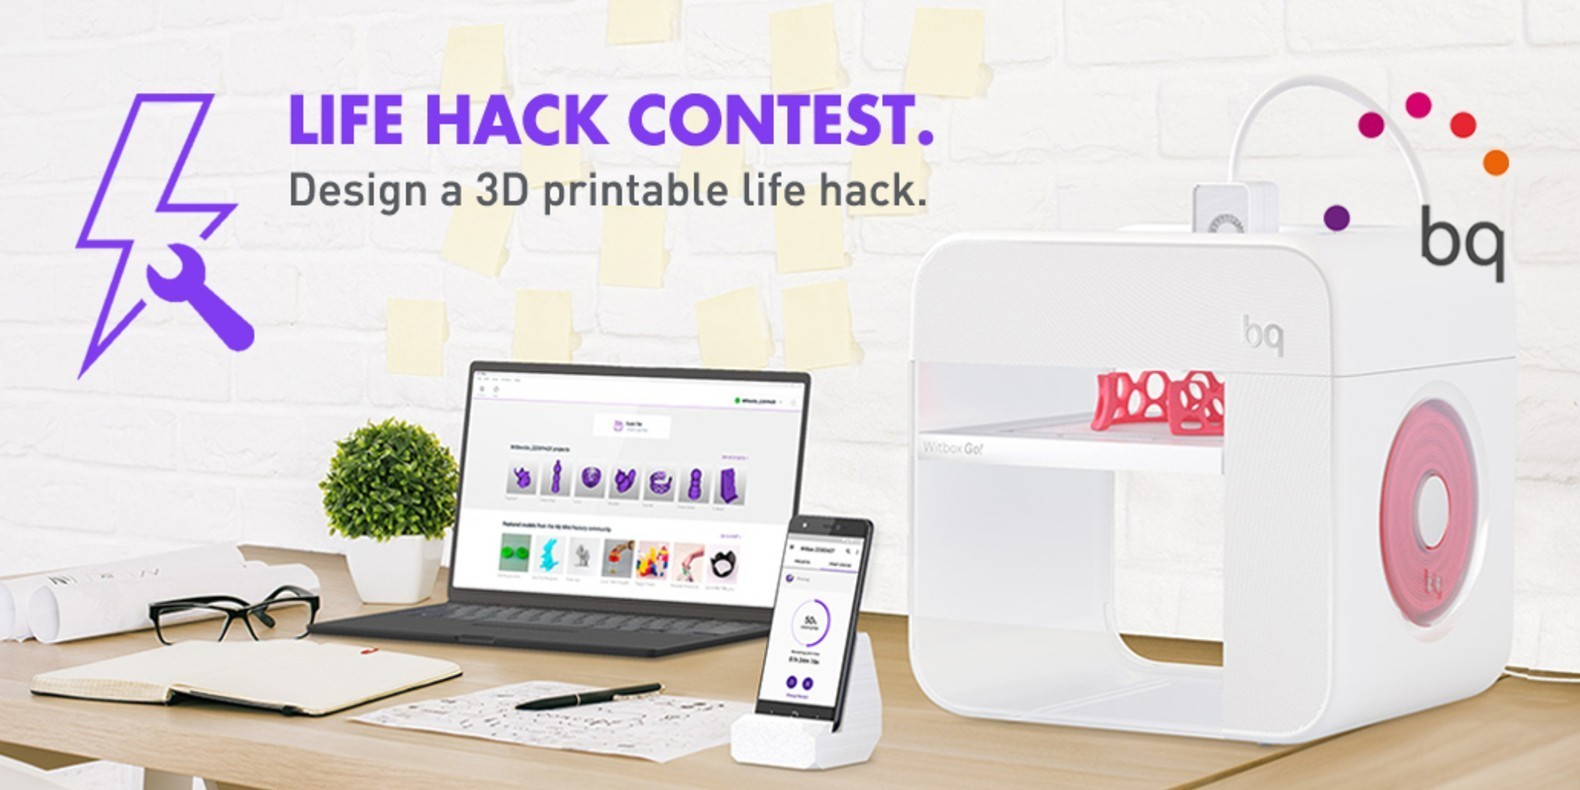 3D printed Life Hack